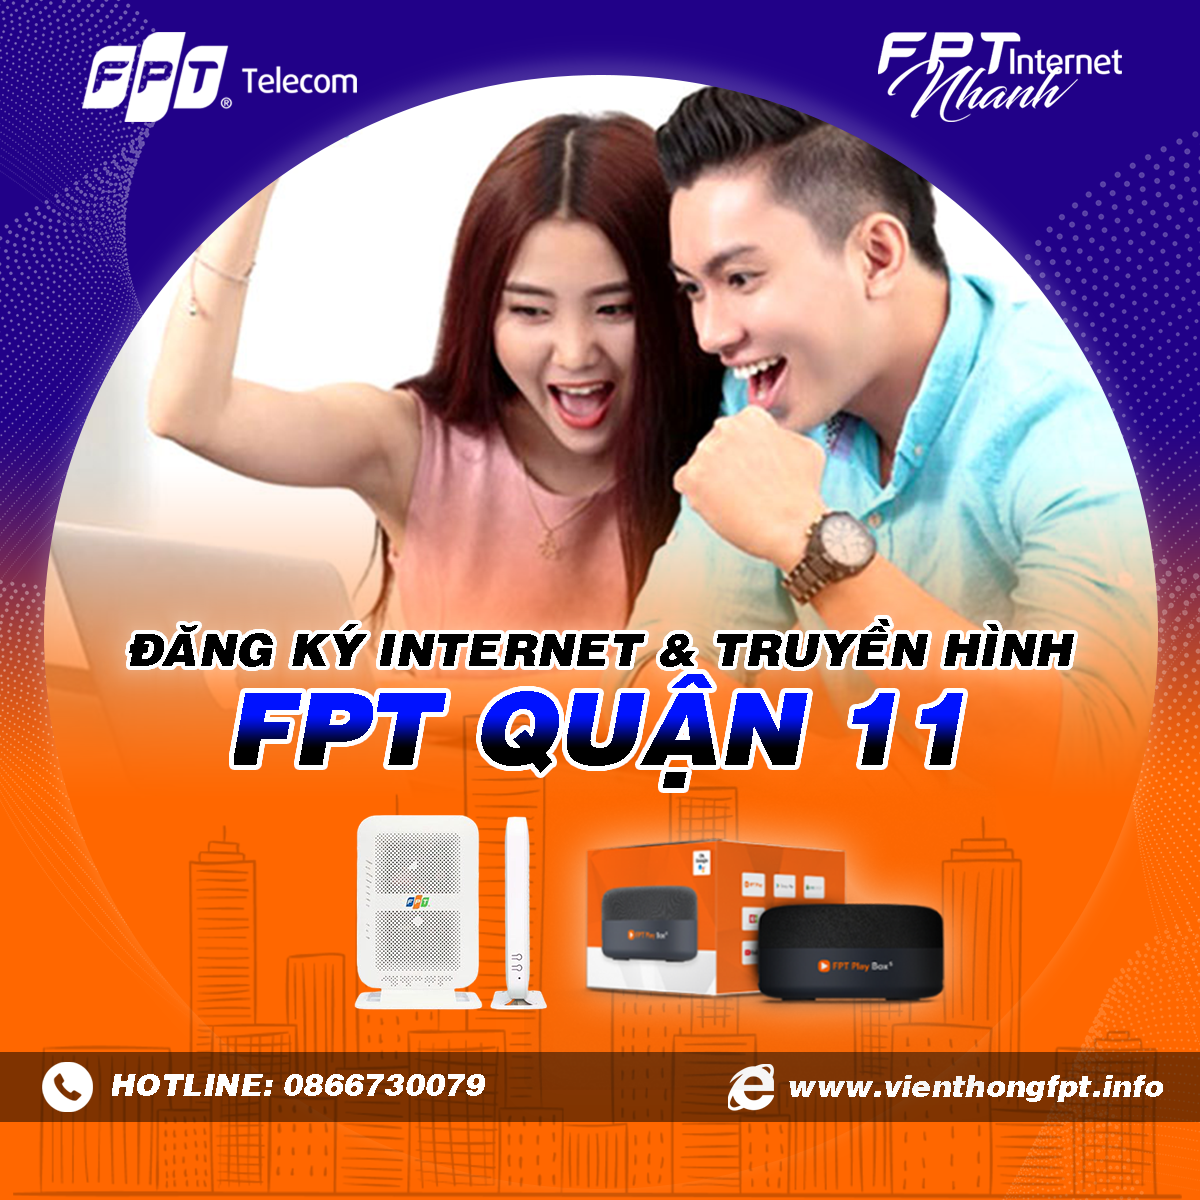 Chi nhánh FPT Quận 11 - Đăng ký Internet và Truyền hình FPT